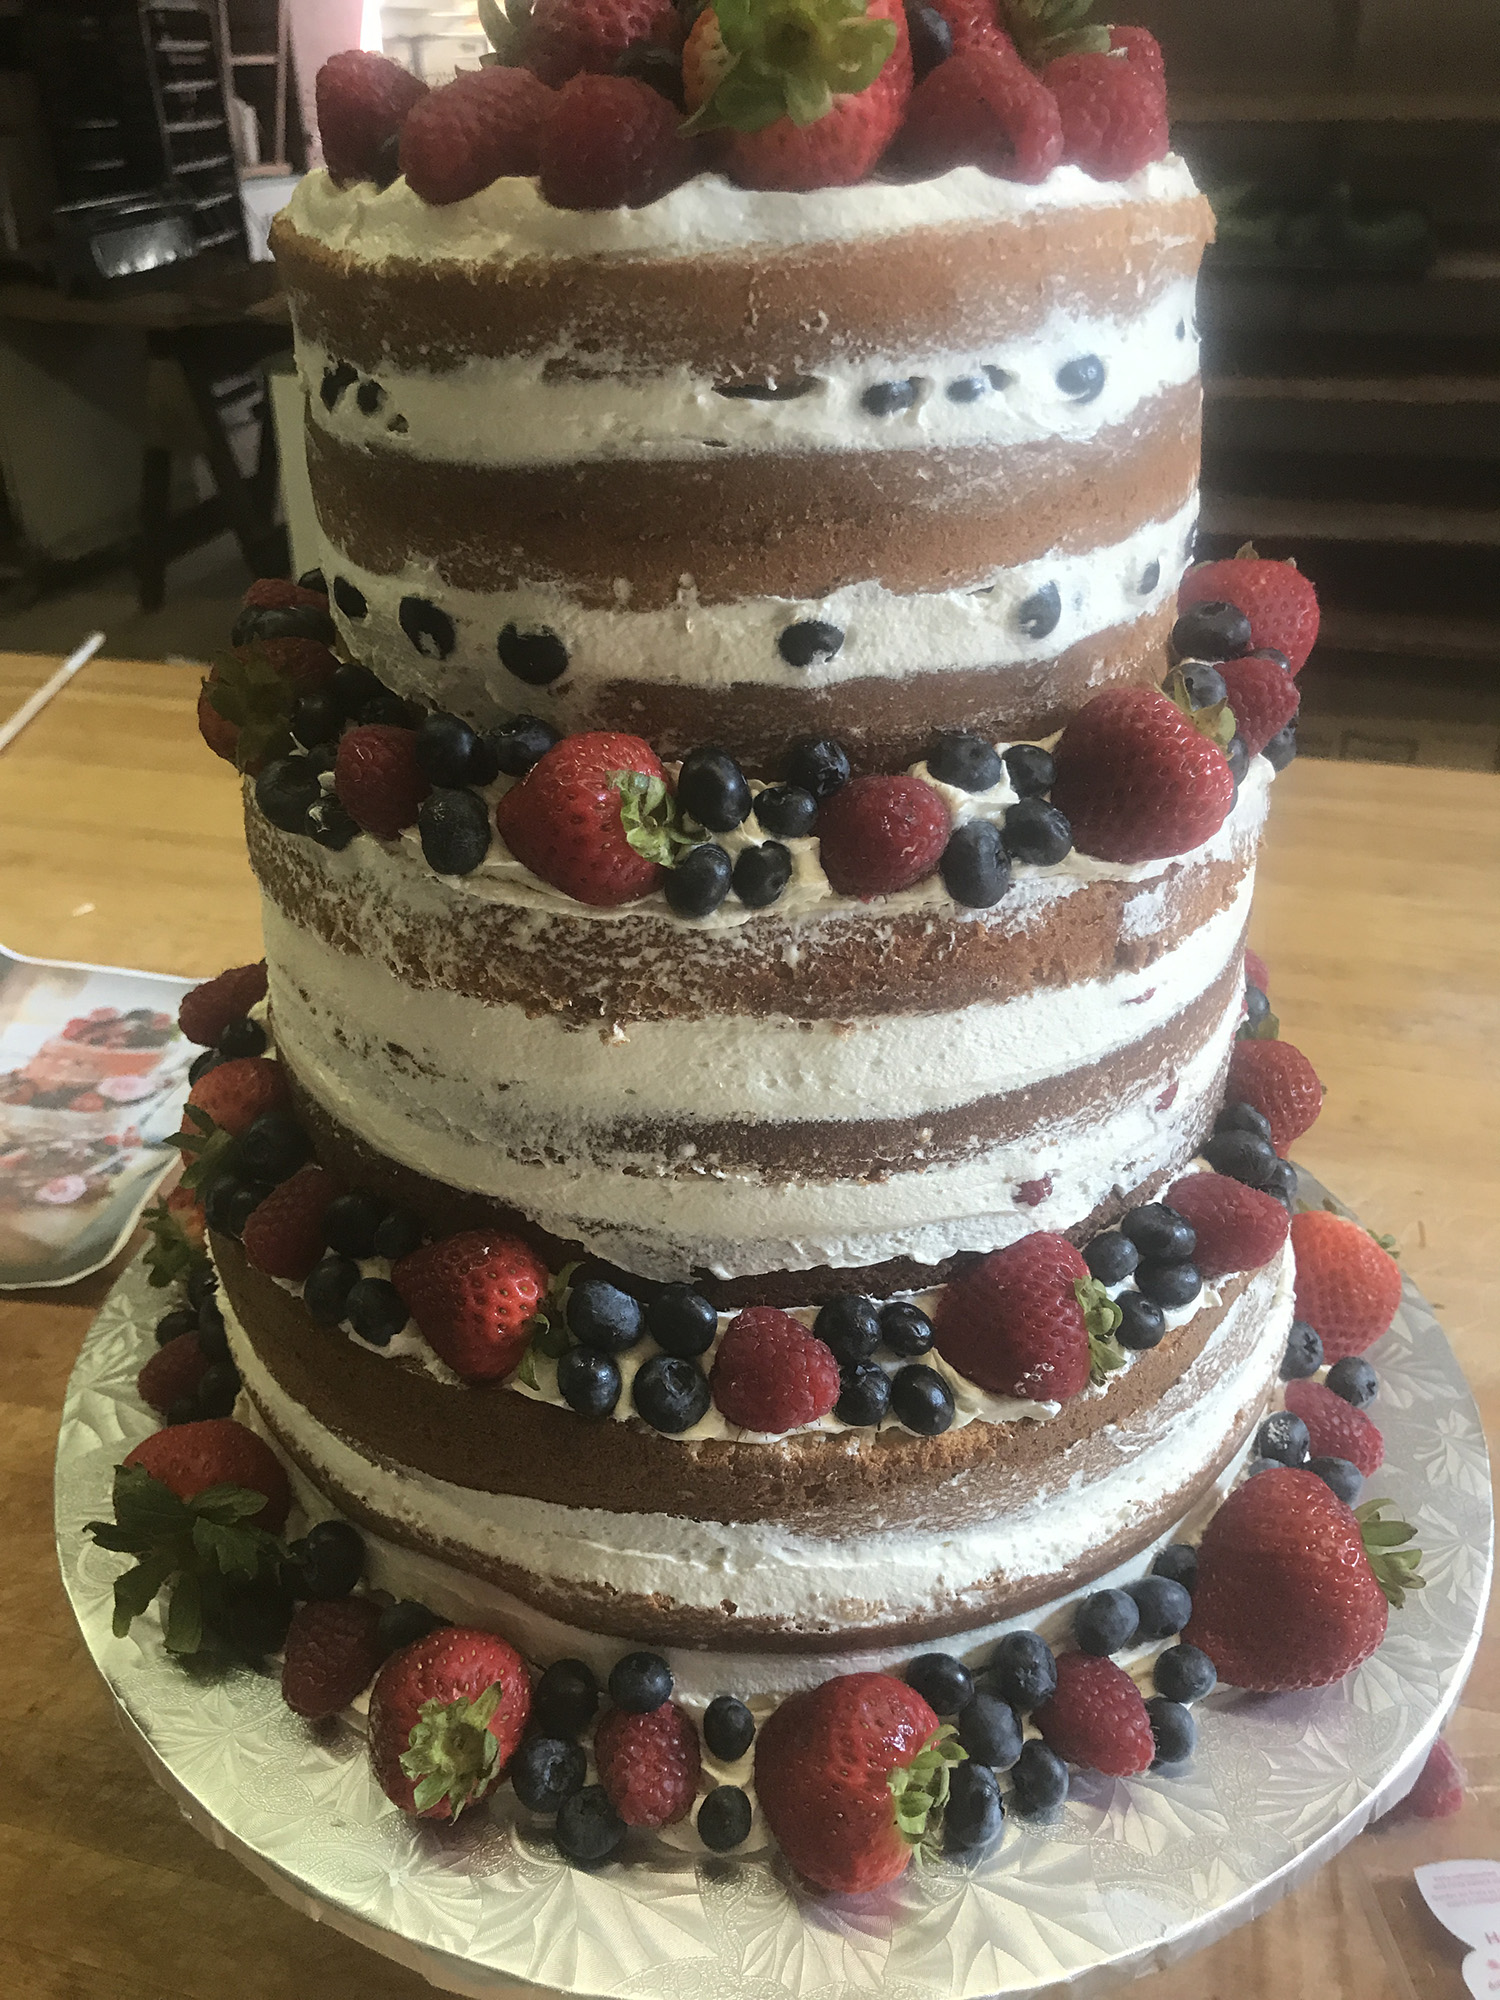 naked-fruit-cake-hmb-bakery.jpg